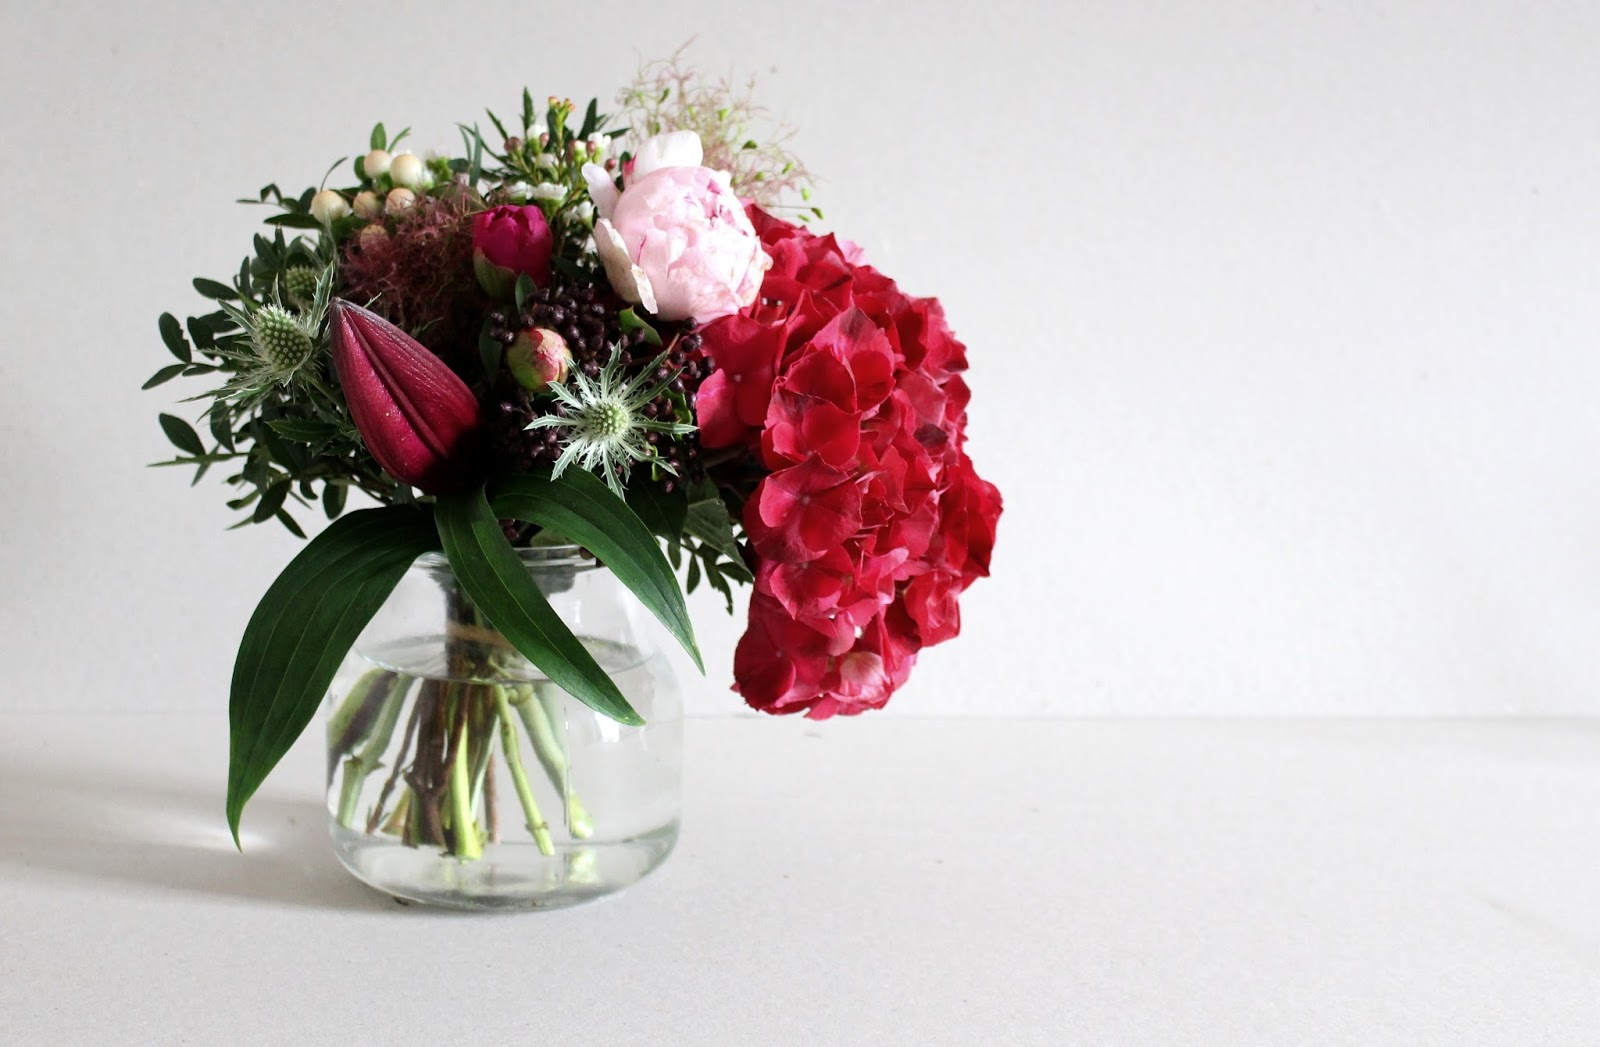 la petite boutique de fleurs fleuriste mariage lyon fleuriste mariage rh ne bouquets de la. Black Bedroom Furniture Sets. Home Design Ideas